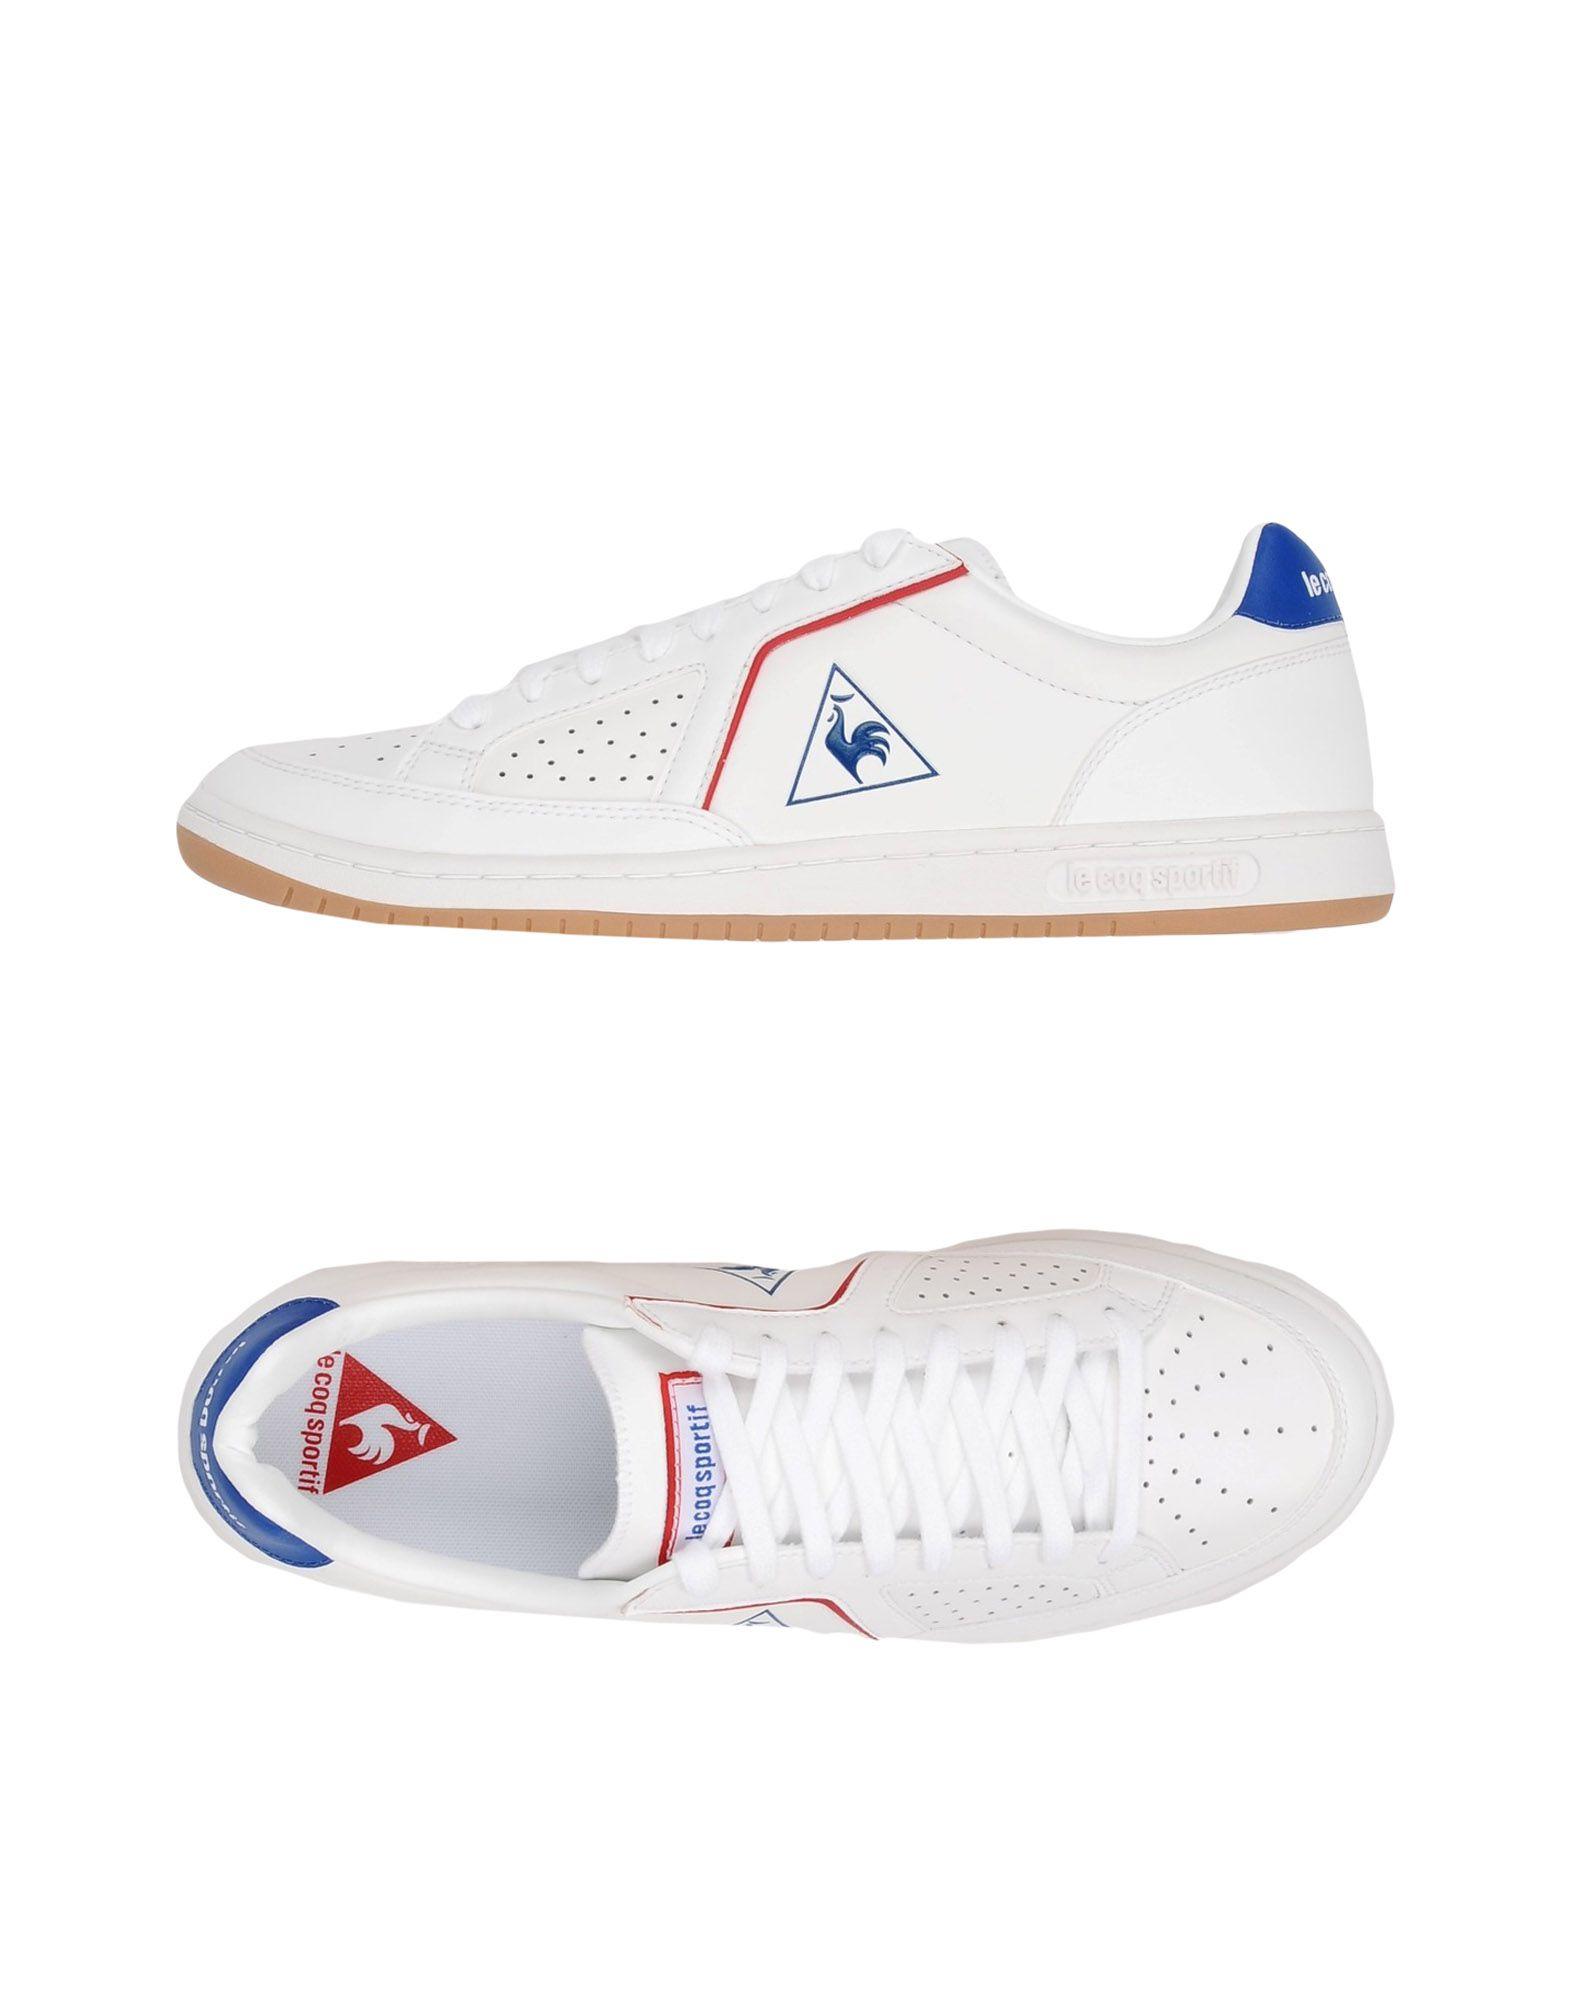 Sneakers Le Coq Sportif Icons Lea Sport Gum - Homme - Sneakers Le Coq Sportif  Blanc Super rabais